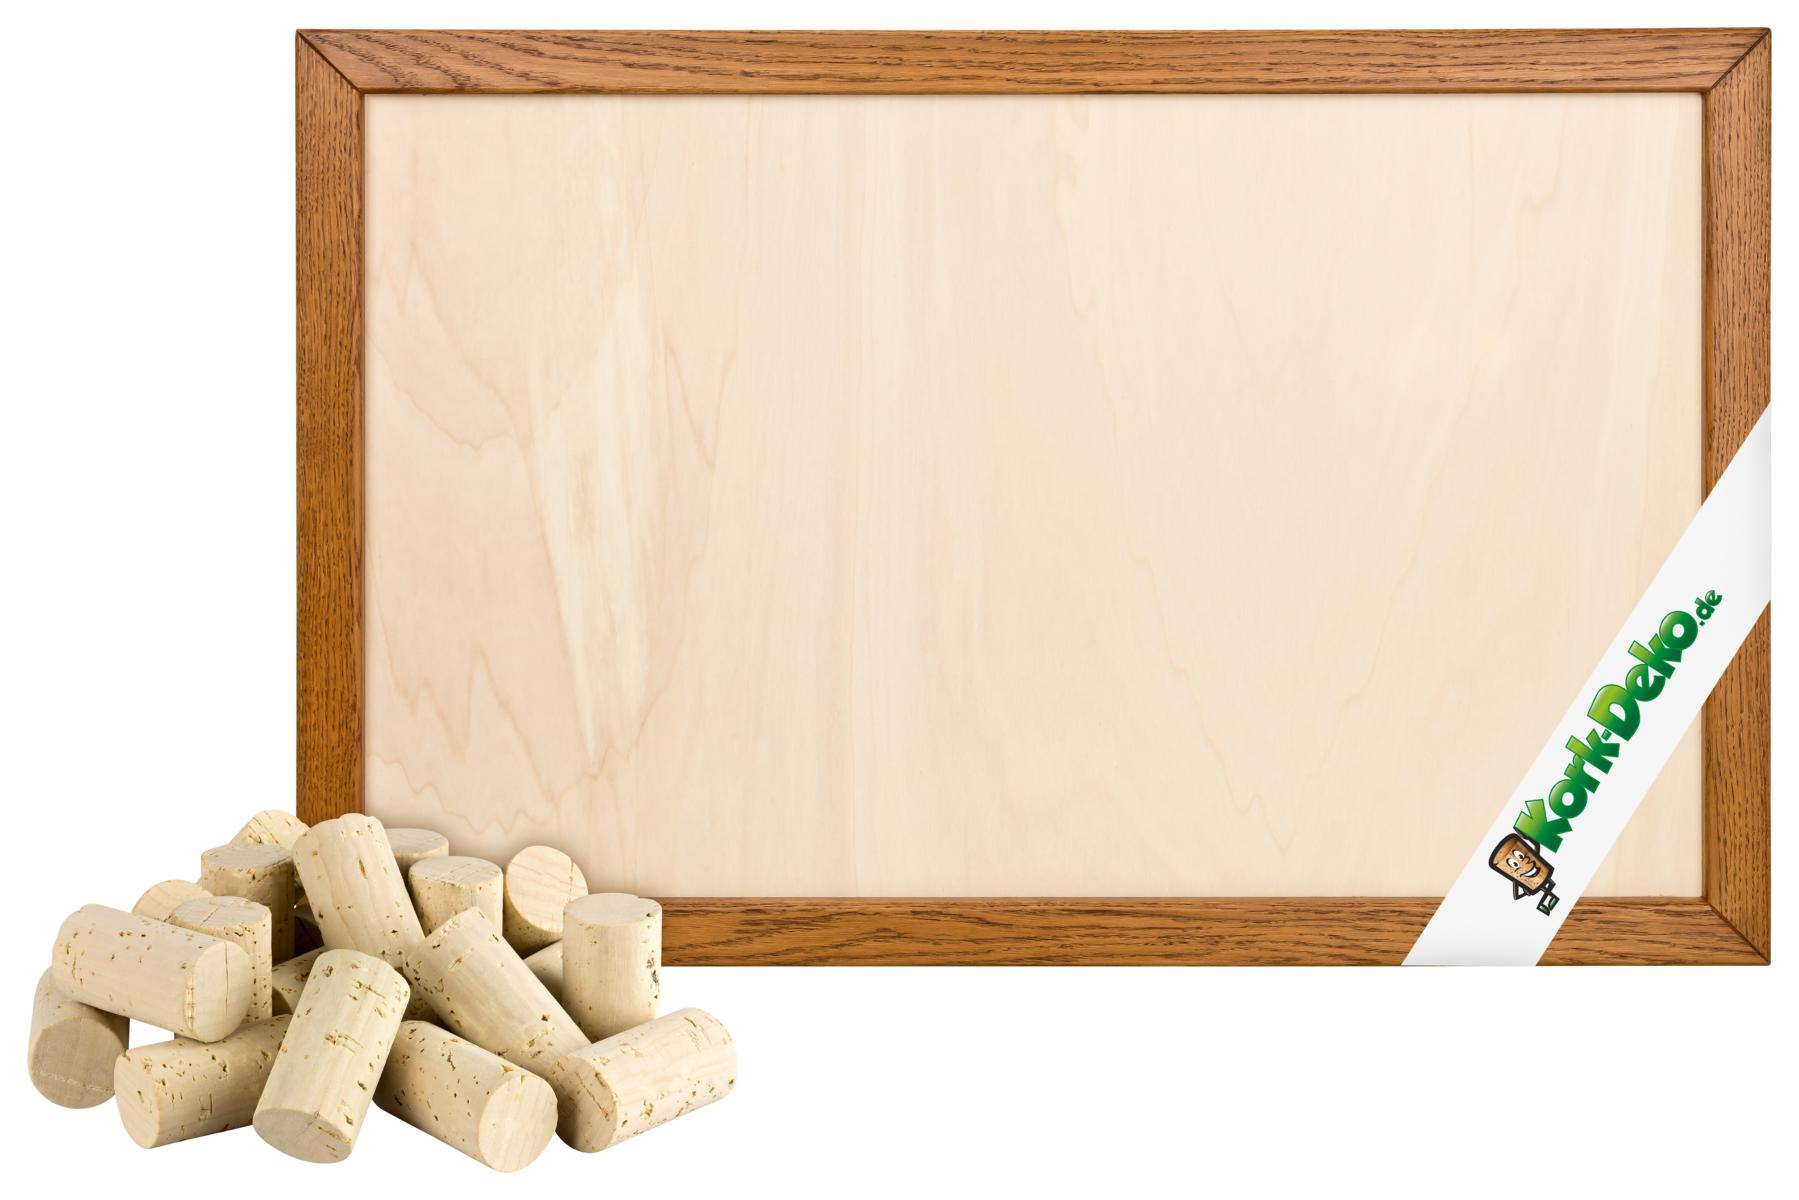 Pinnwand aus neuen korken selber bauen korken und holz rahmen im set - Pinnwand selber bauen ...